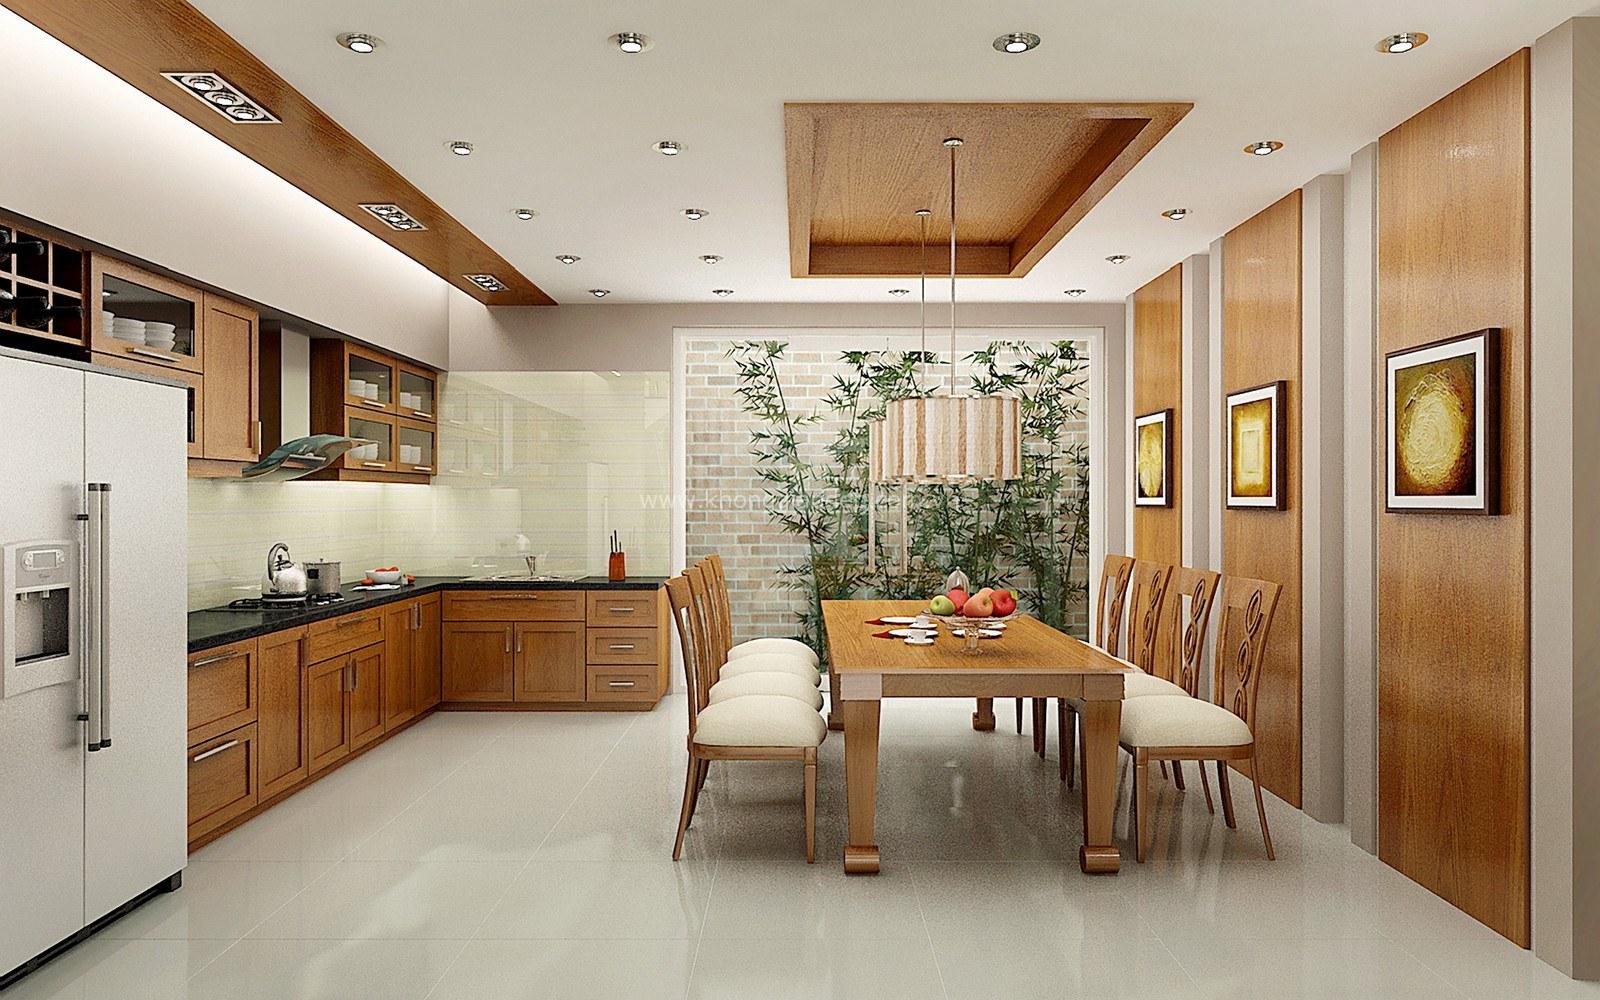 Top 15 mẫu nhà bếp đẹp đơn giản, tối ưu hóa không gian